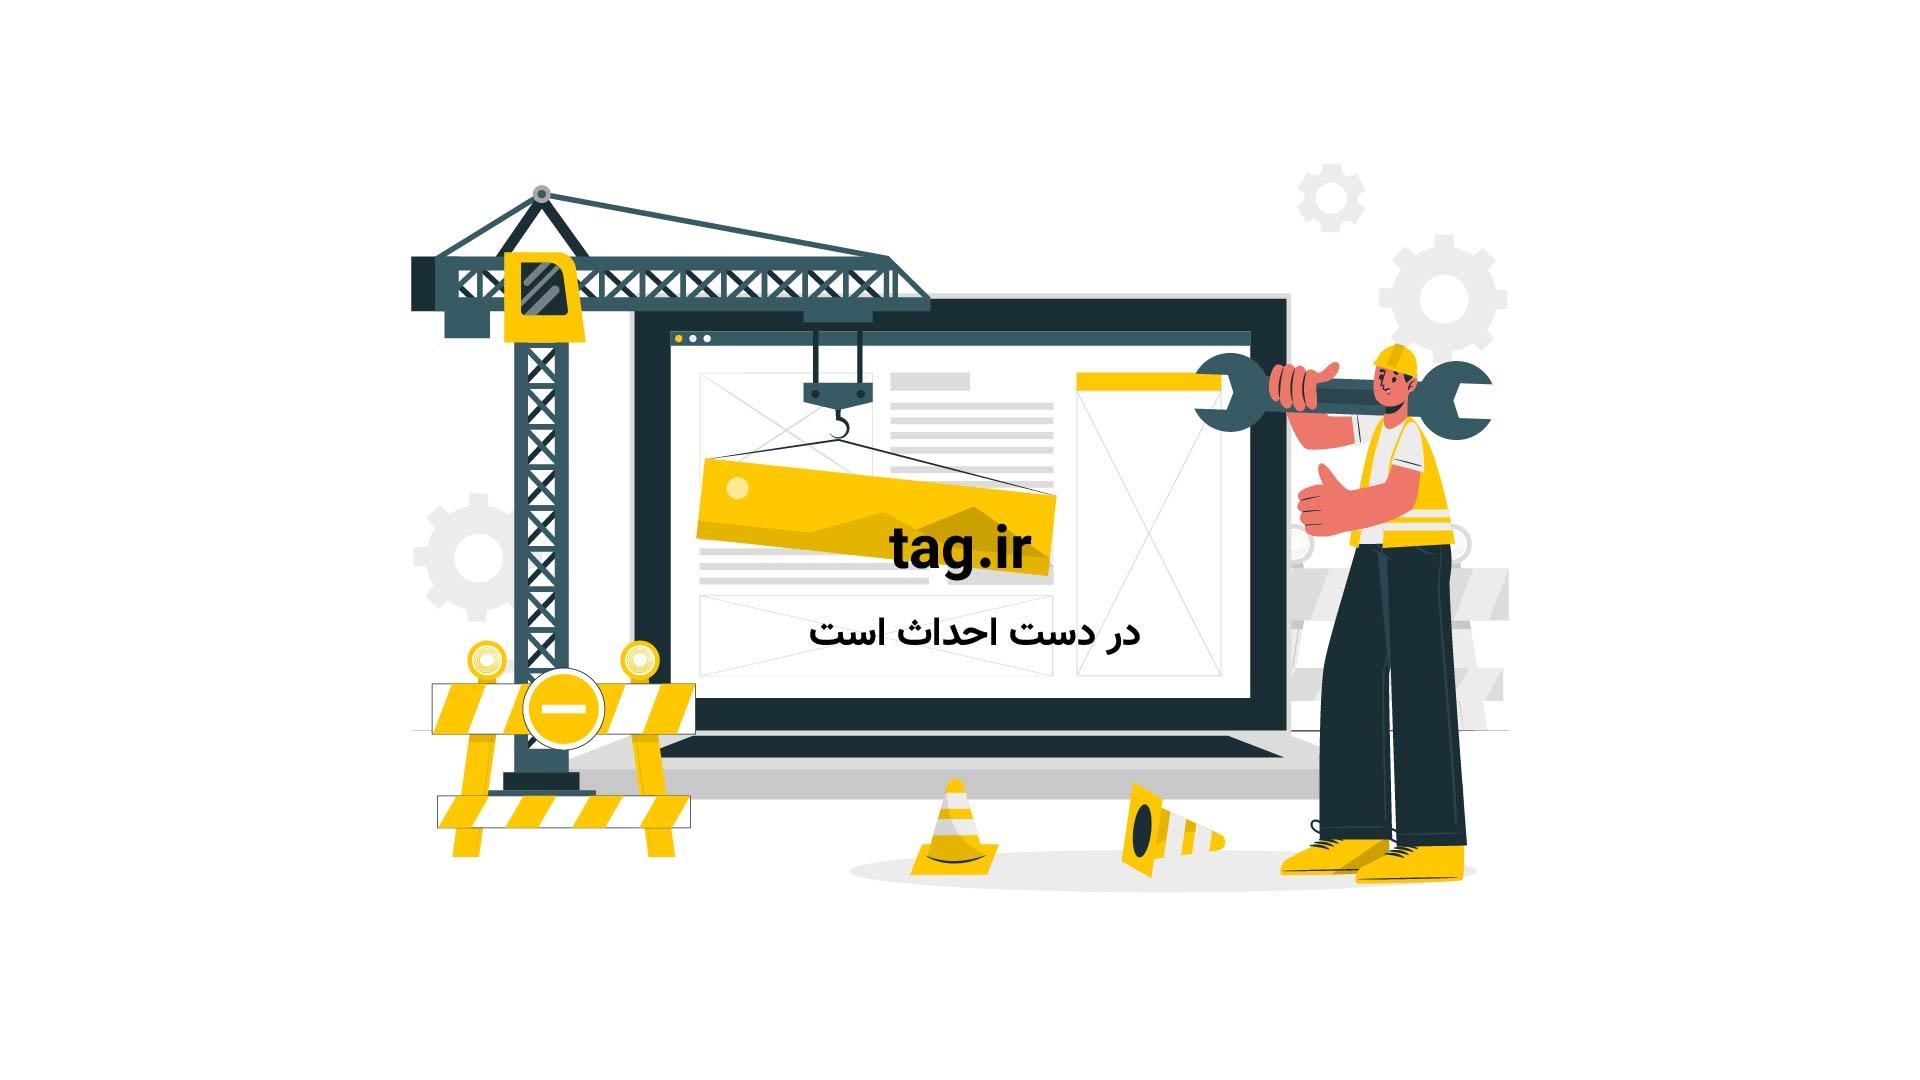 آموزش درست کردن کارت پستال و پاکت با مقوا | فیلم